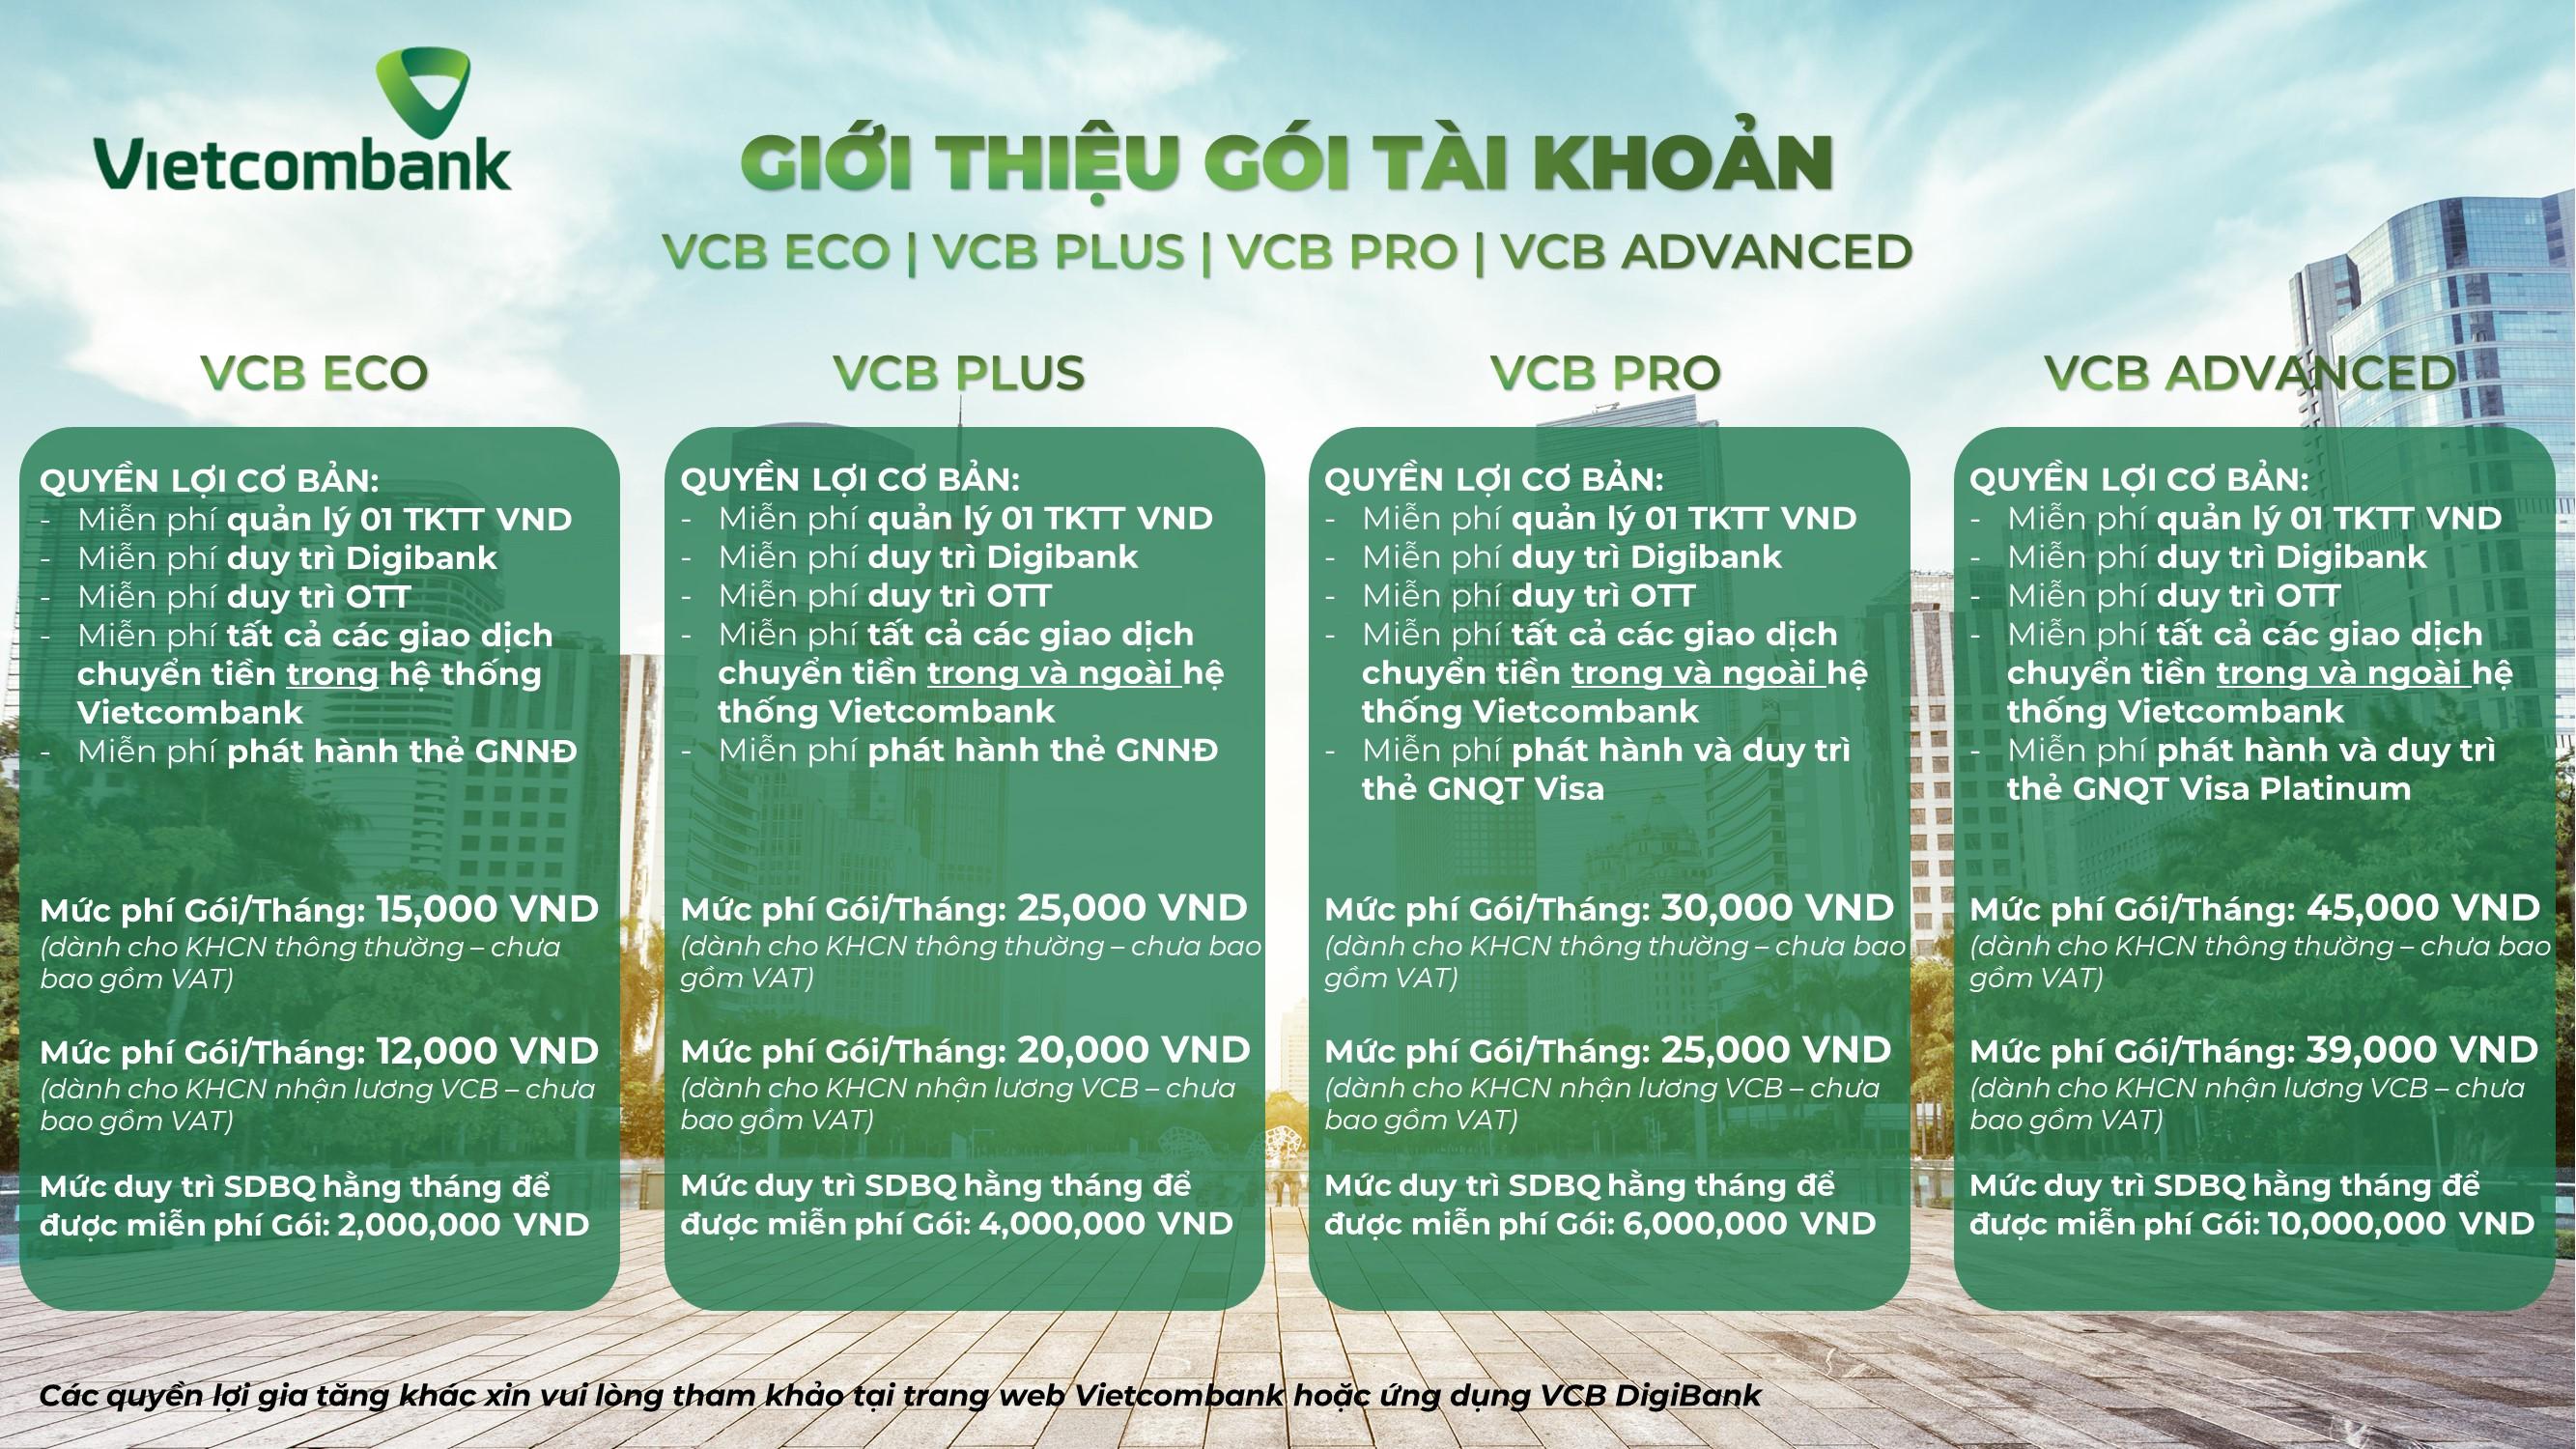 Chuyển đổi số là chìa khóa thành công của Vietcombank - Ảnh 2